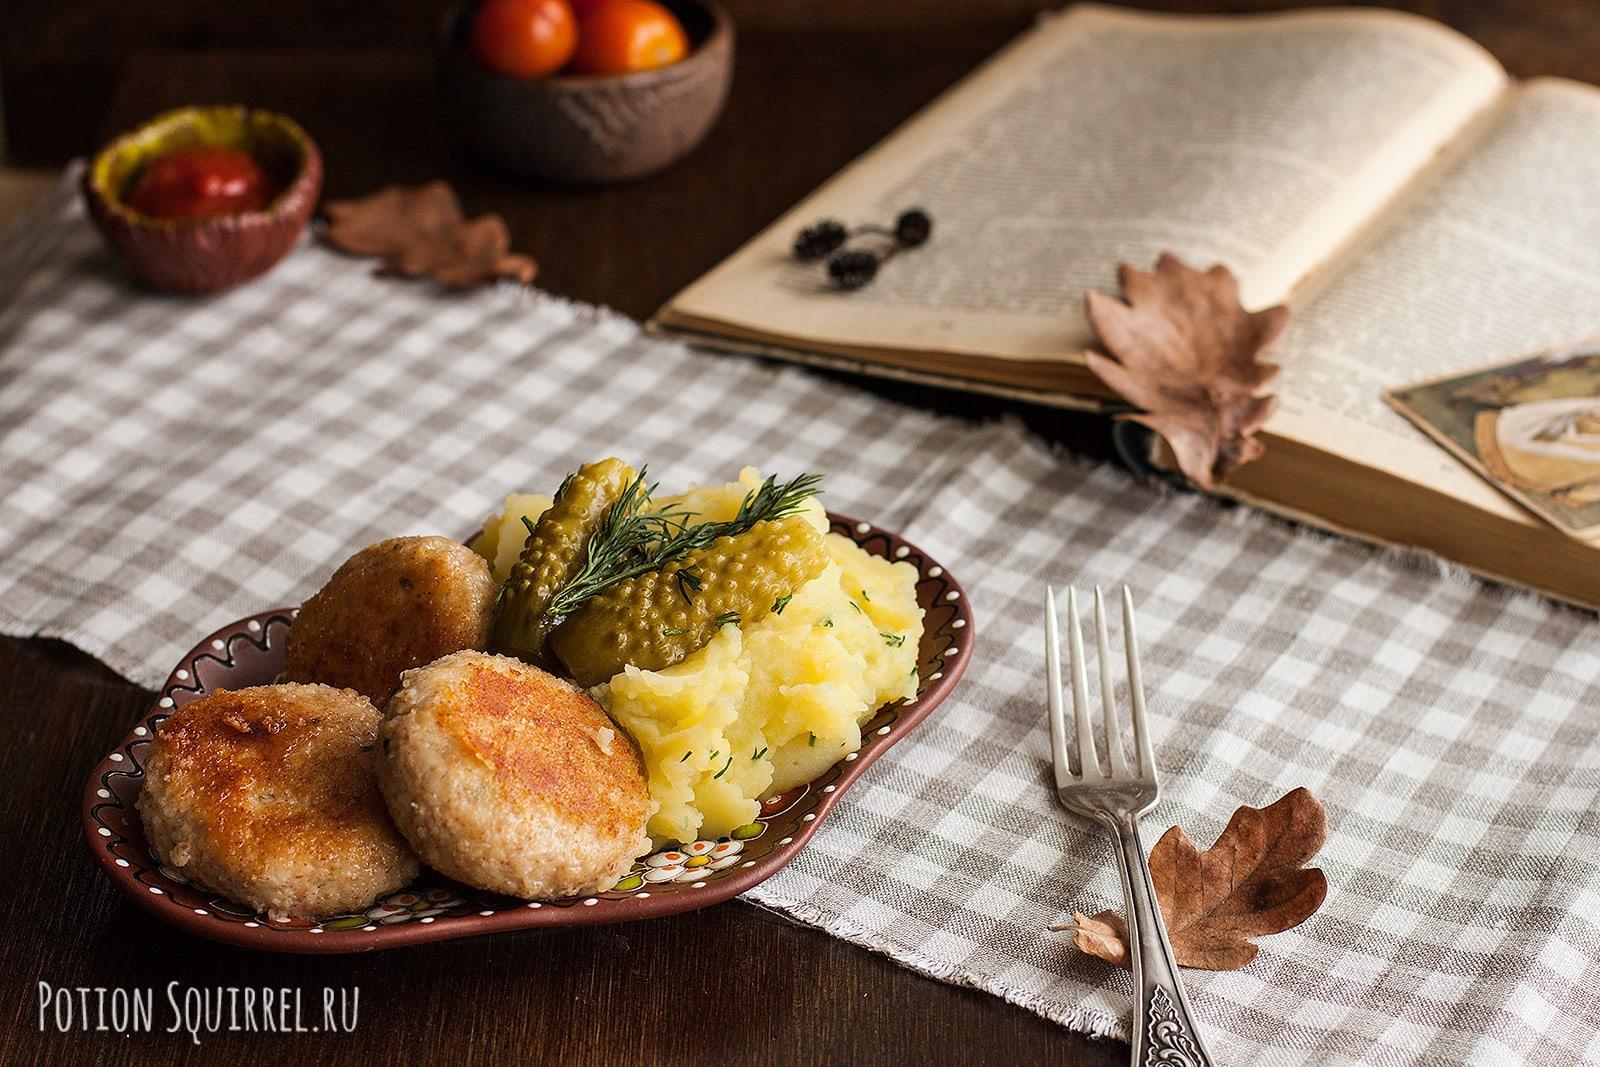 Всегда вкусные сочные котлеты из постного мяса индейки на вашем столе. Рецепт и фото от potionsquirrel.ru